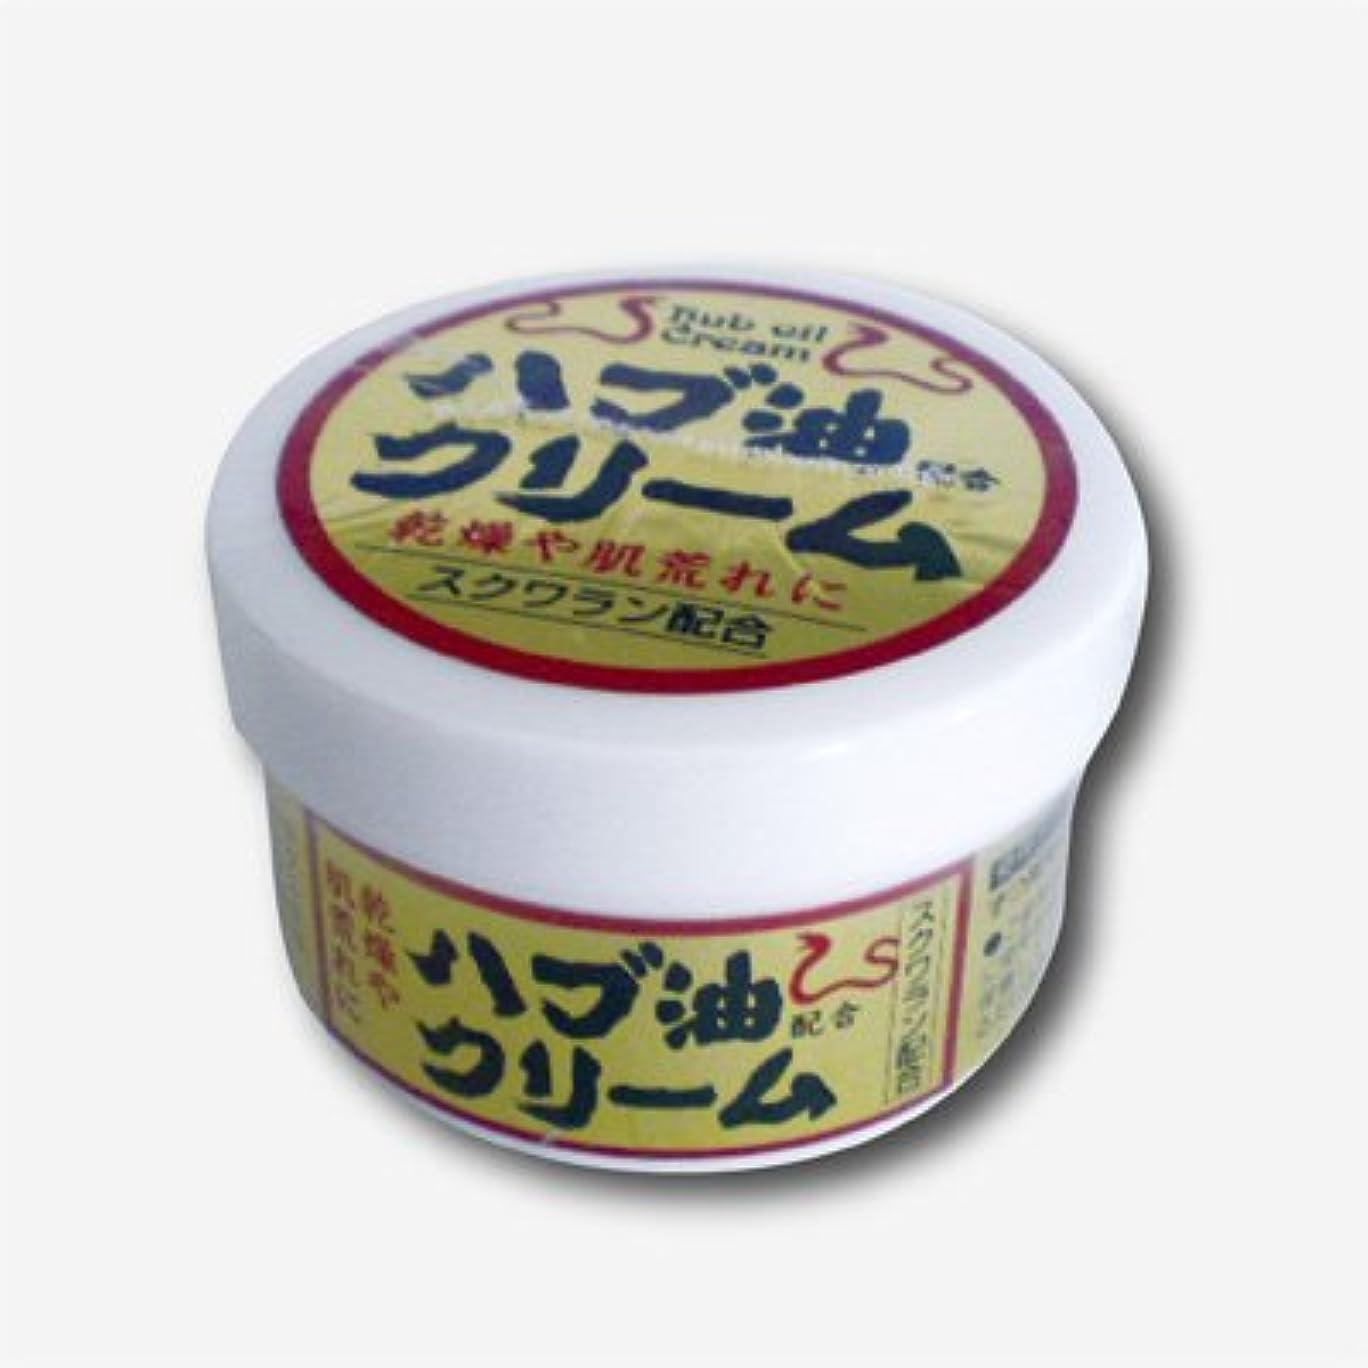 ダイバー蒸気思いやりのあるハブ油配合クリーム 1個【1個?50g】